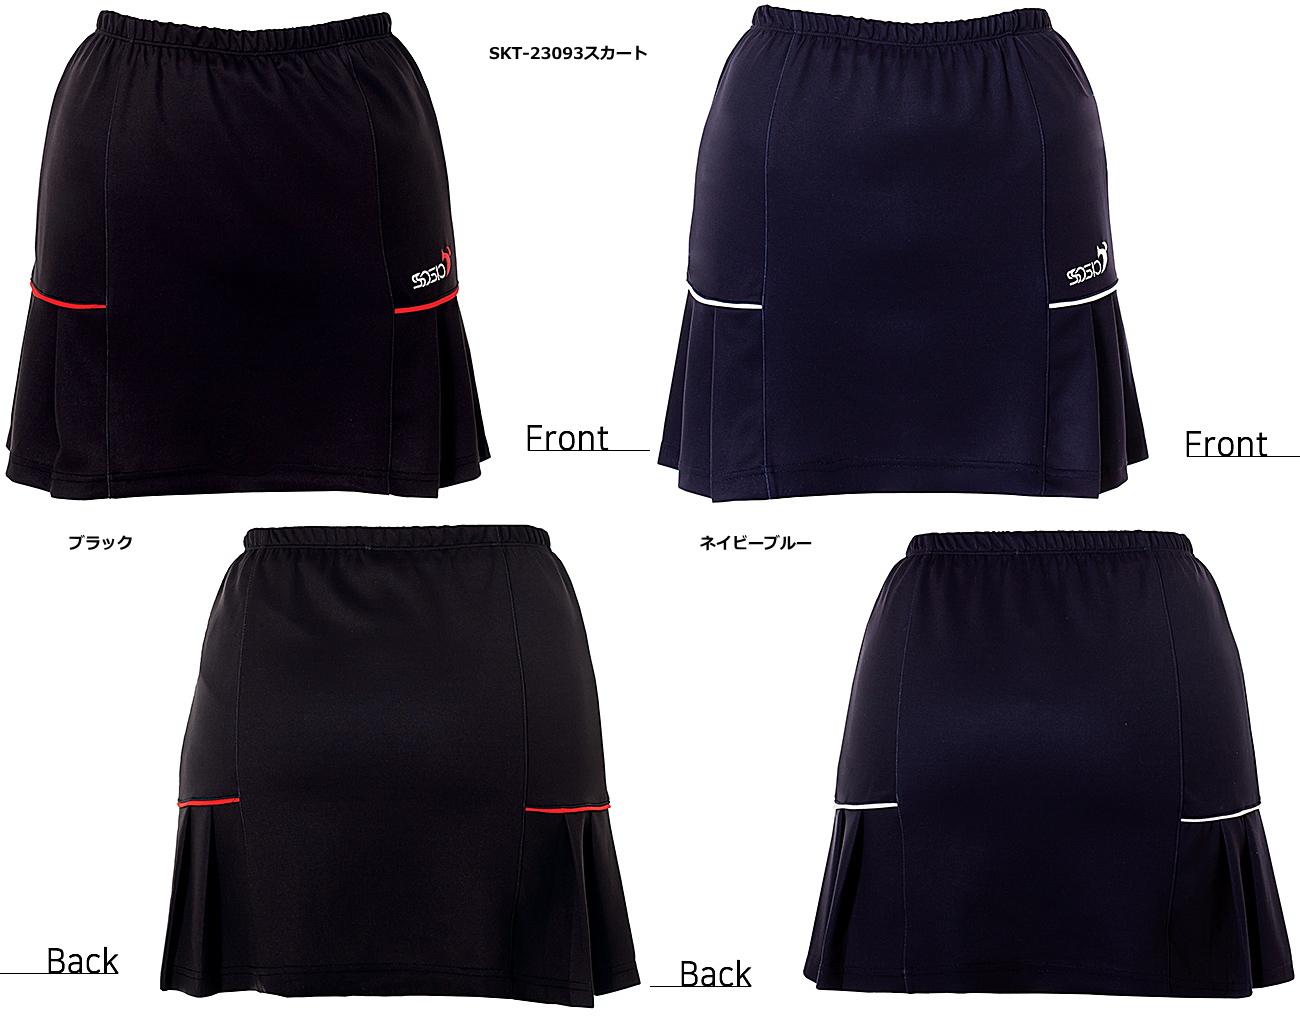 【SST-72093シャツとセットでどうぞ。】 【SSOSIO お取り寄せ】 ソシオSKT-23093 ボウリングスカート